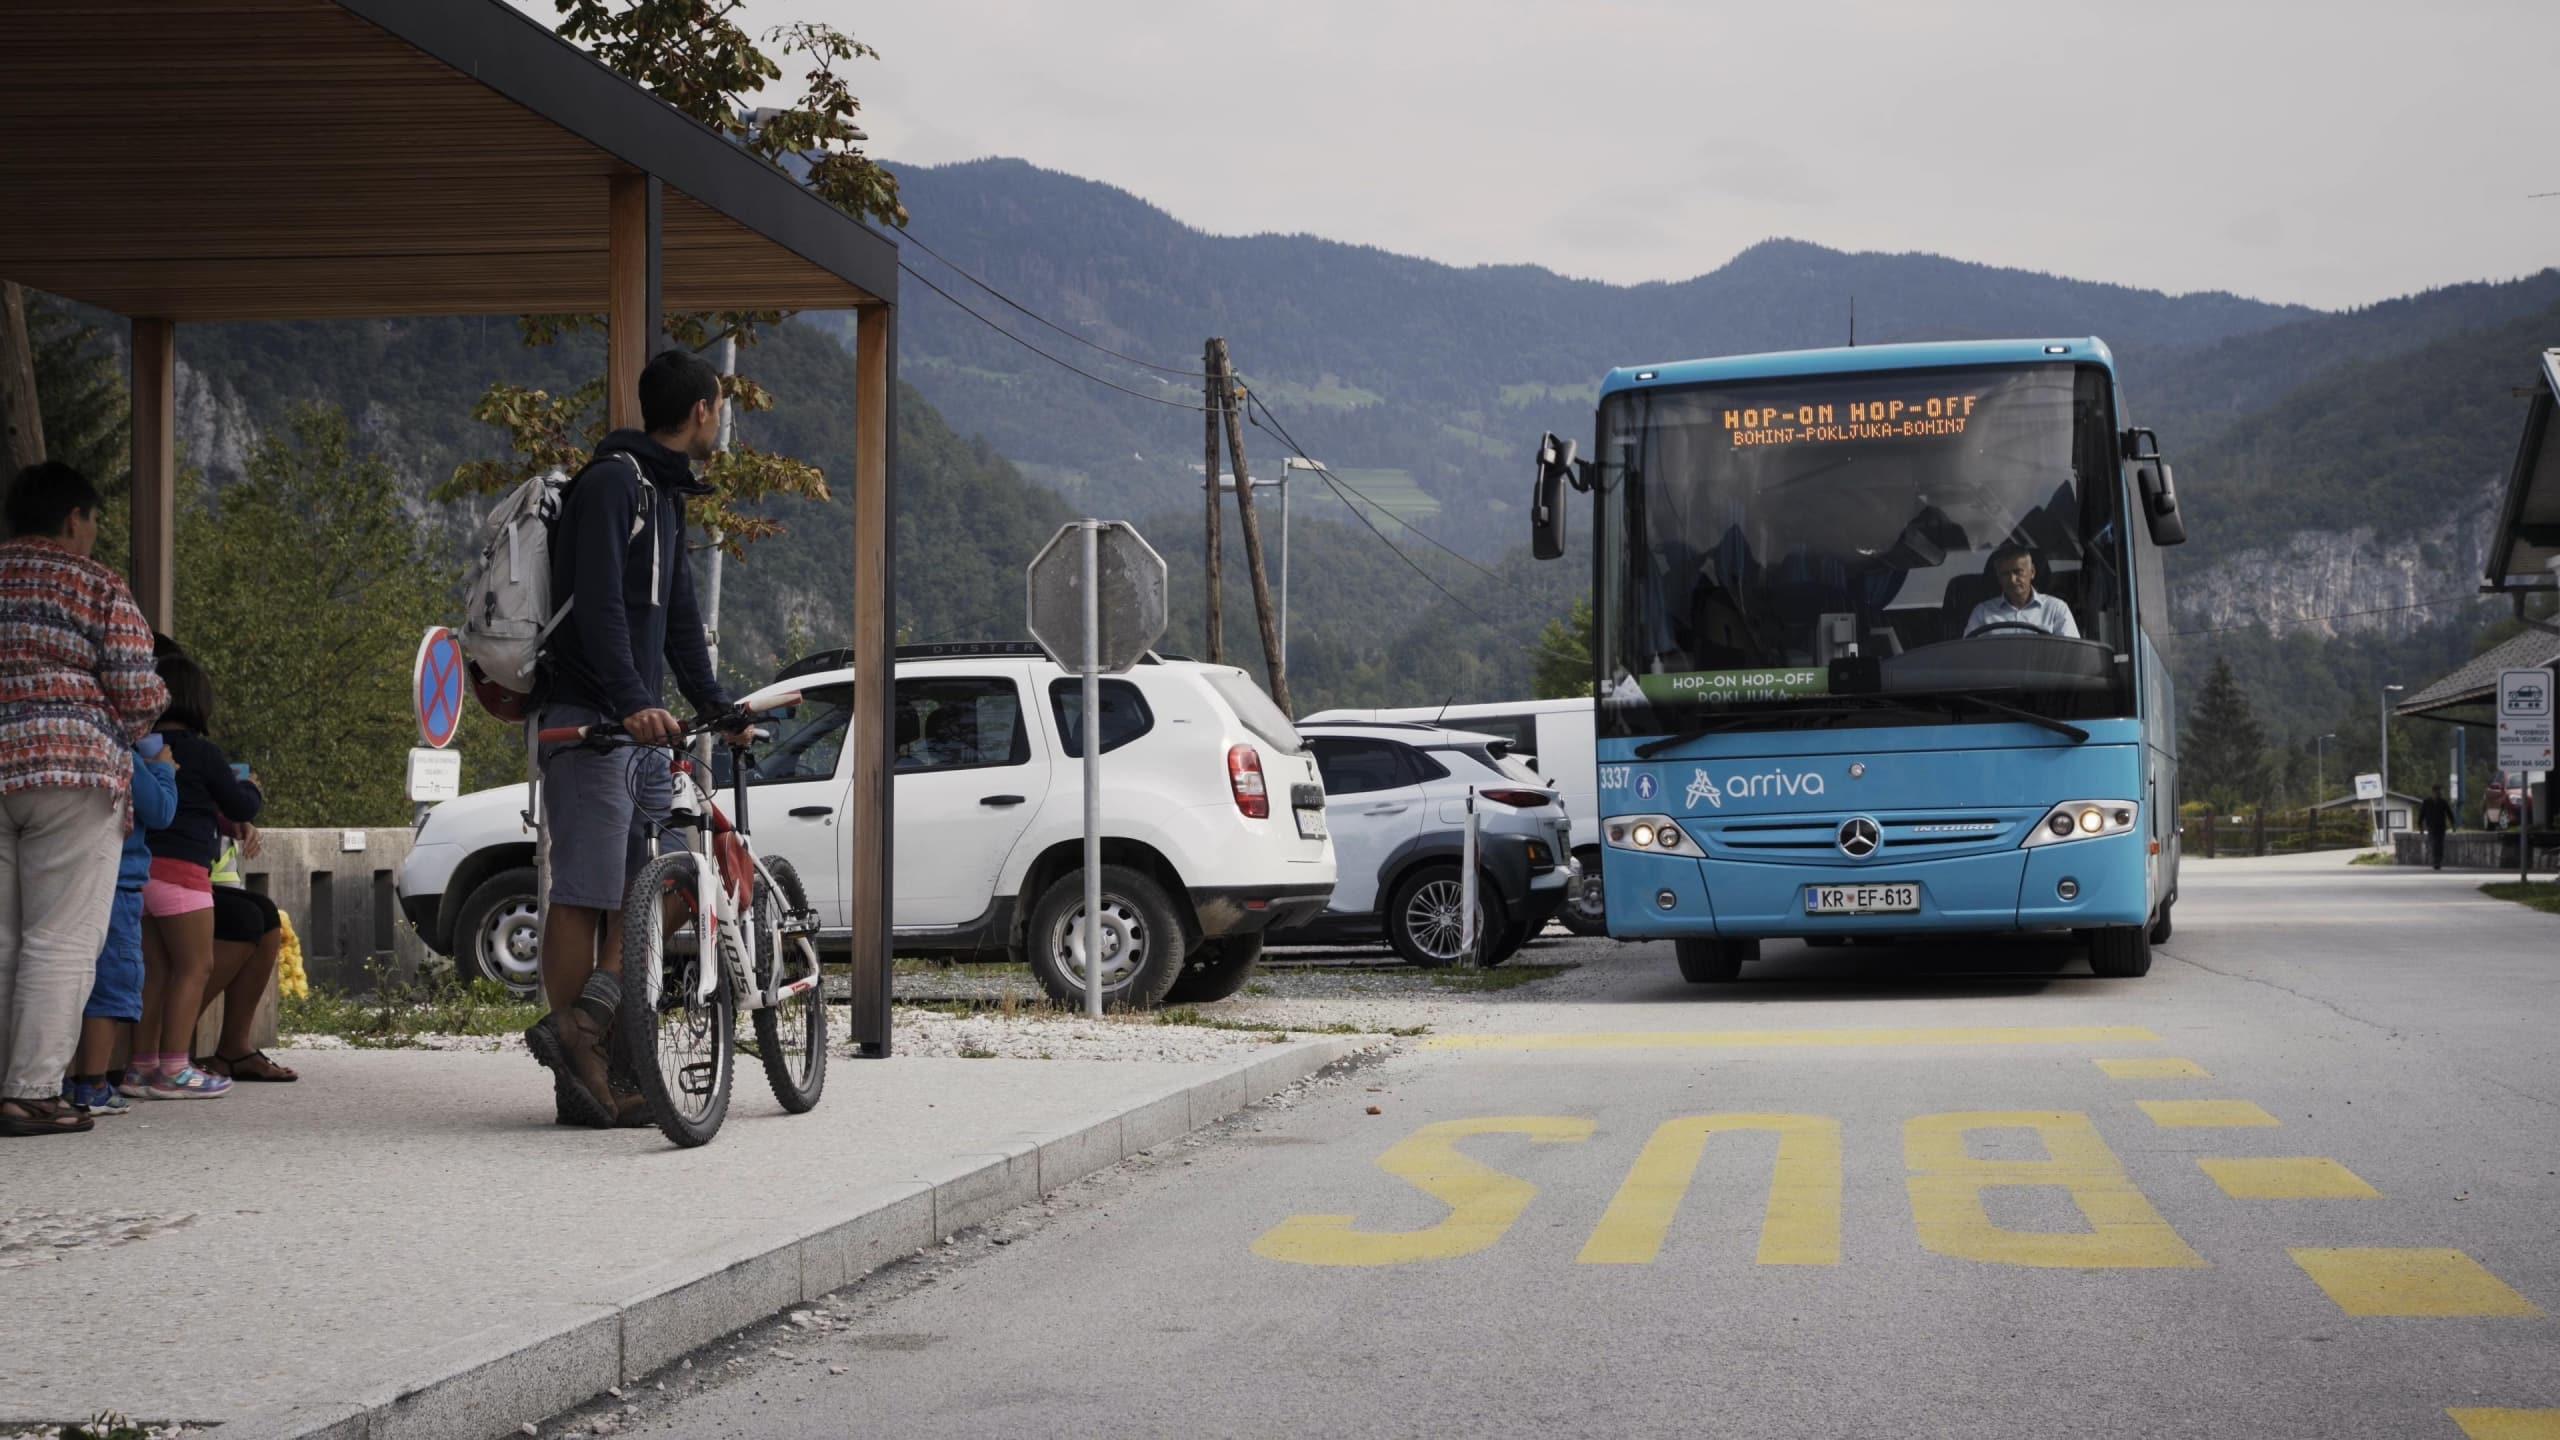 Trajnostna mobilnost v Bohinju v videu